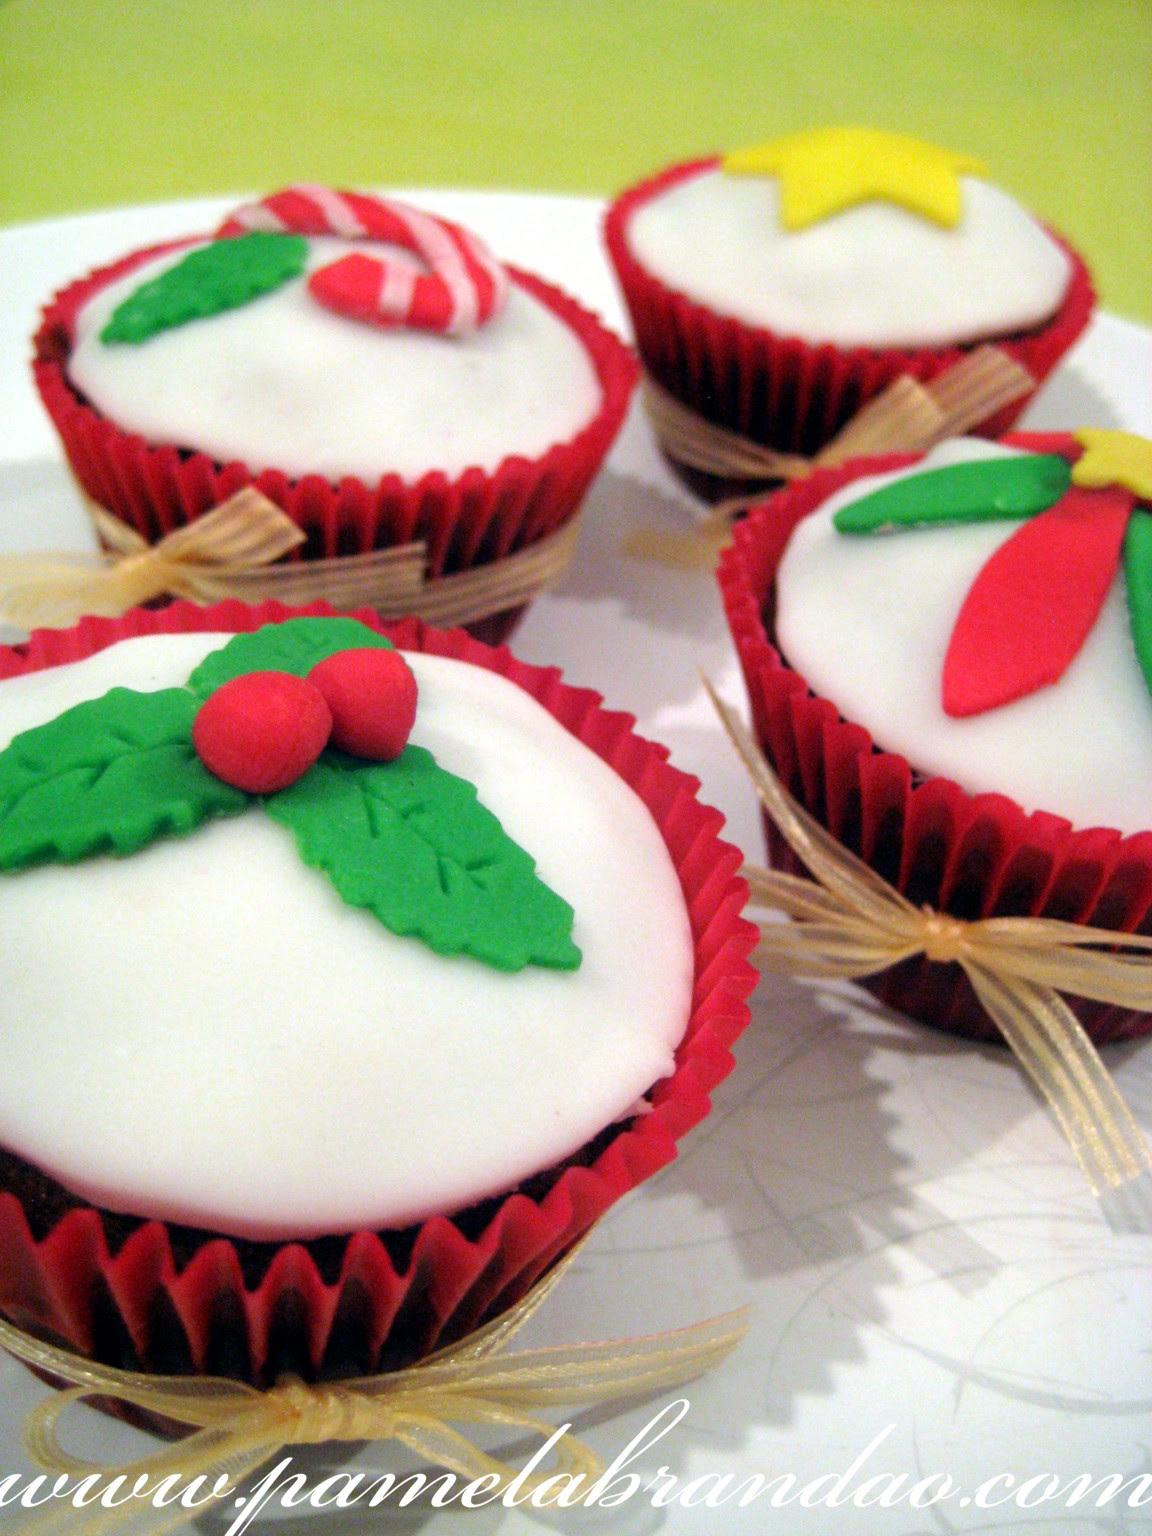 http://www.pamelabrandao.com/recipes/wp-content/uploads//christmas-cupcake-.jpg